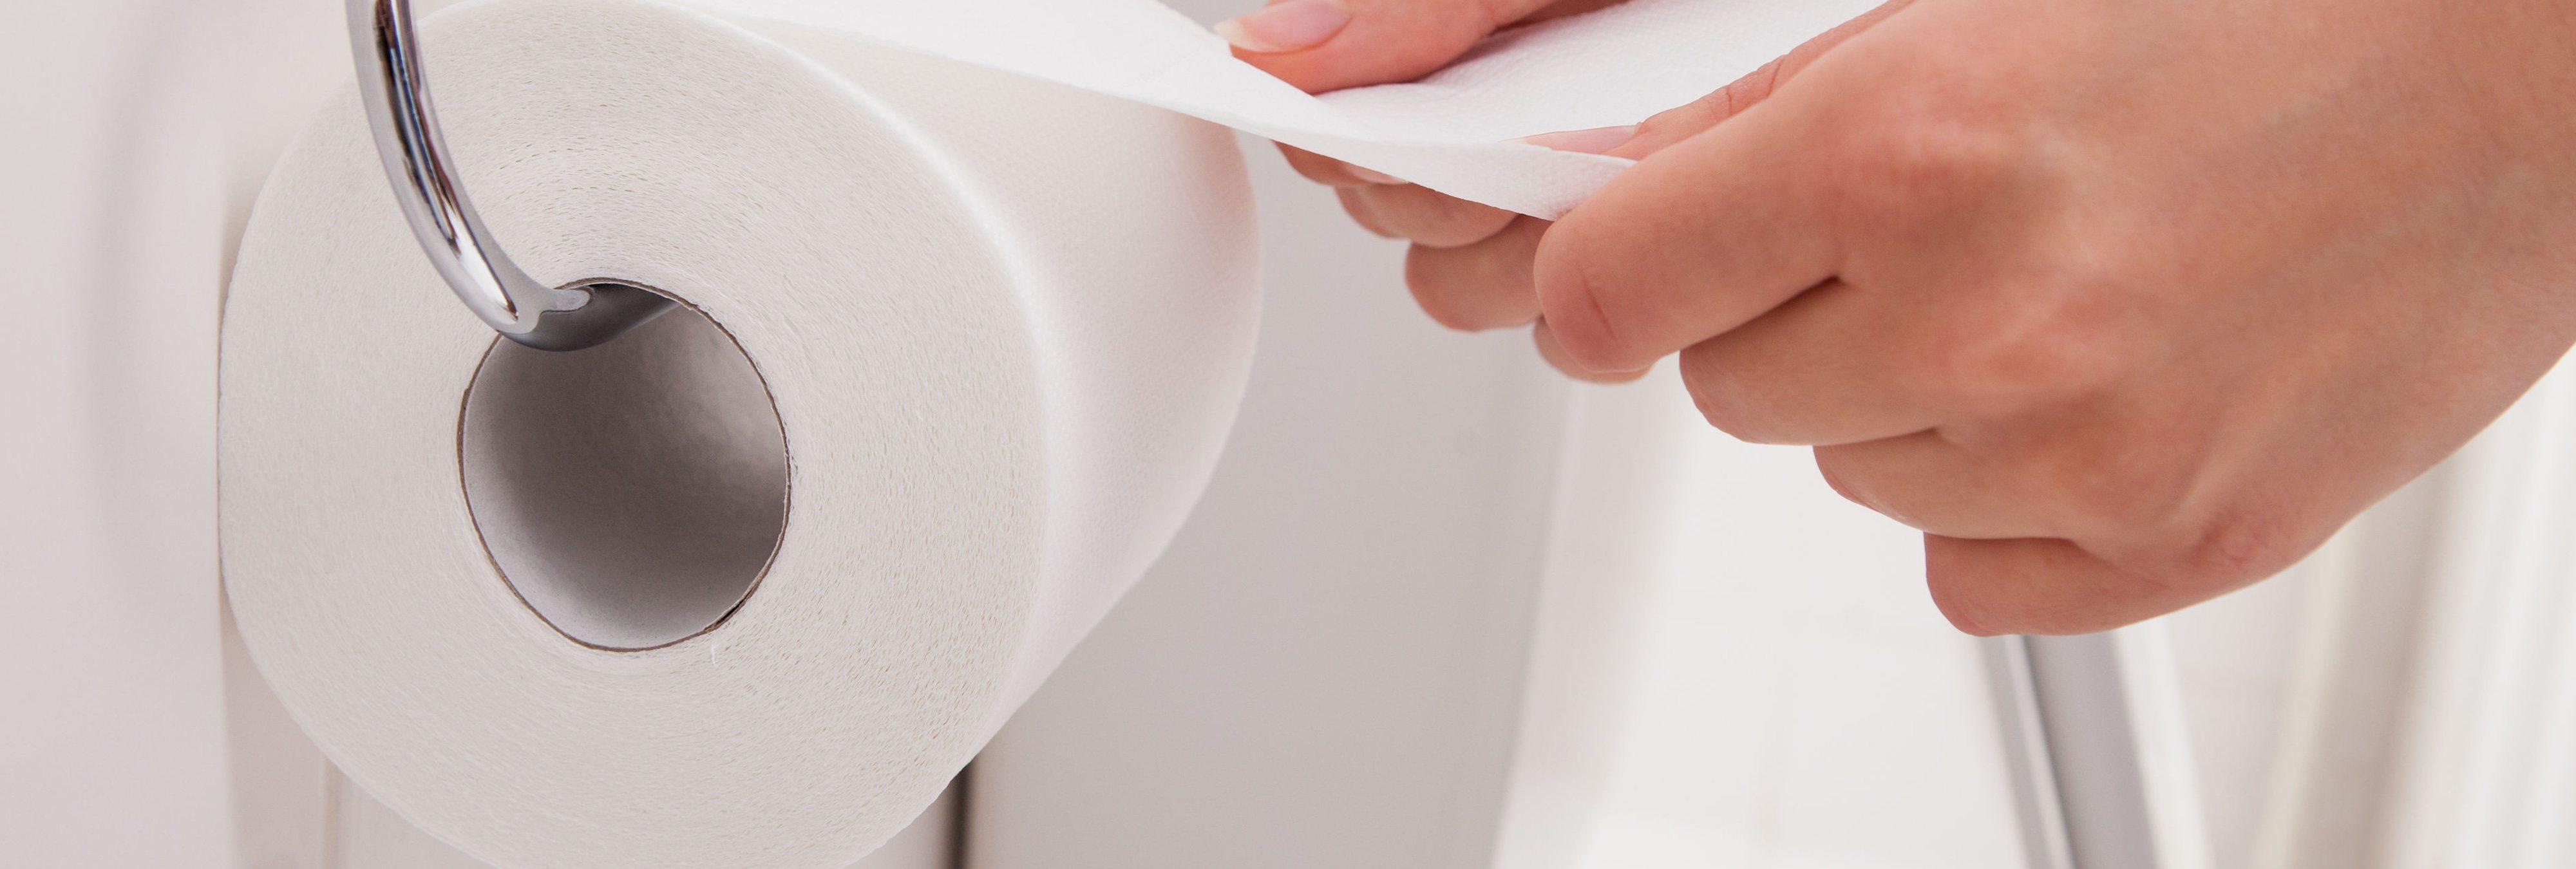 Crean el papel higiénico reutilizable